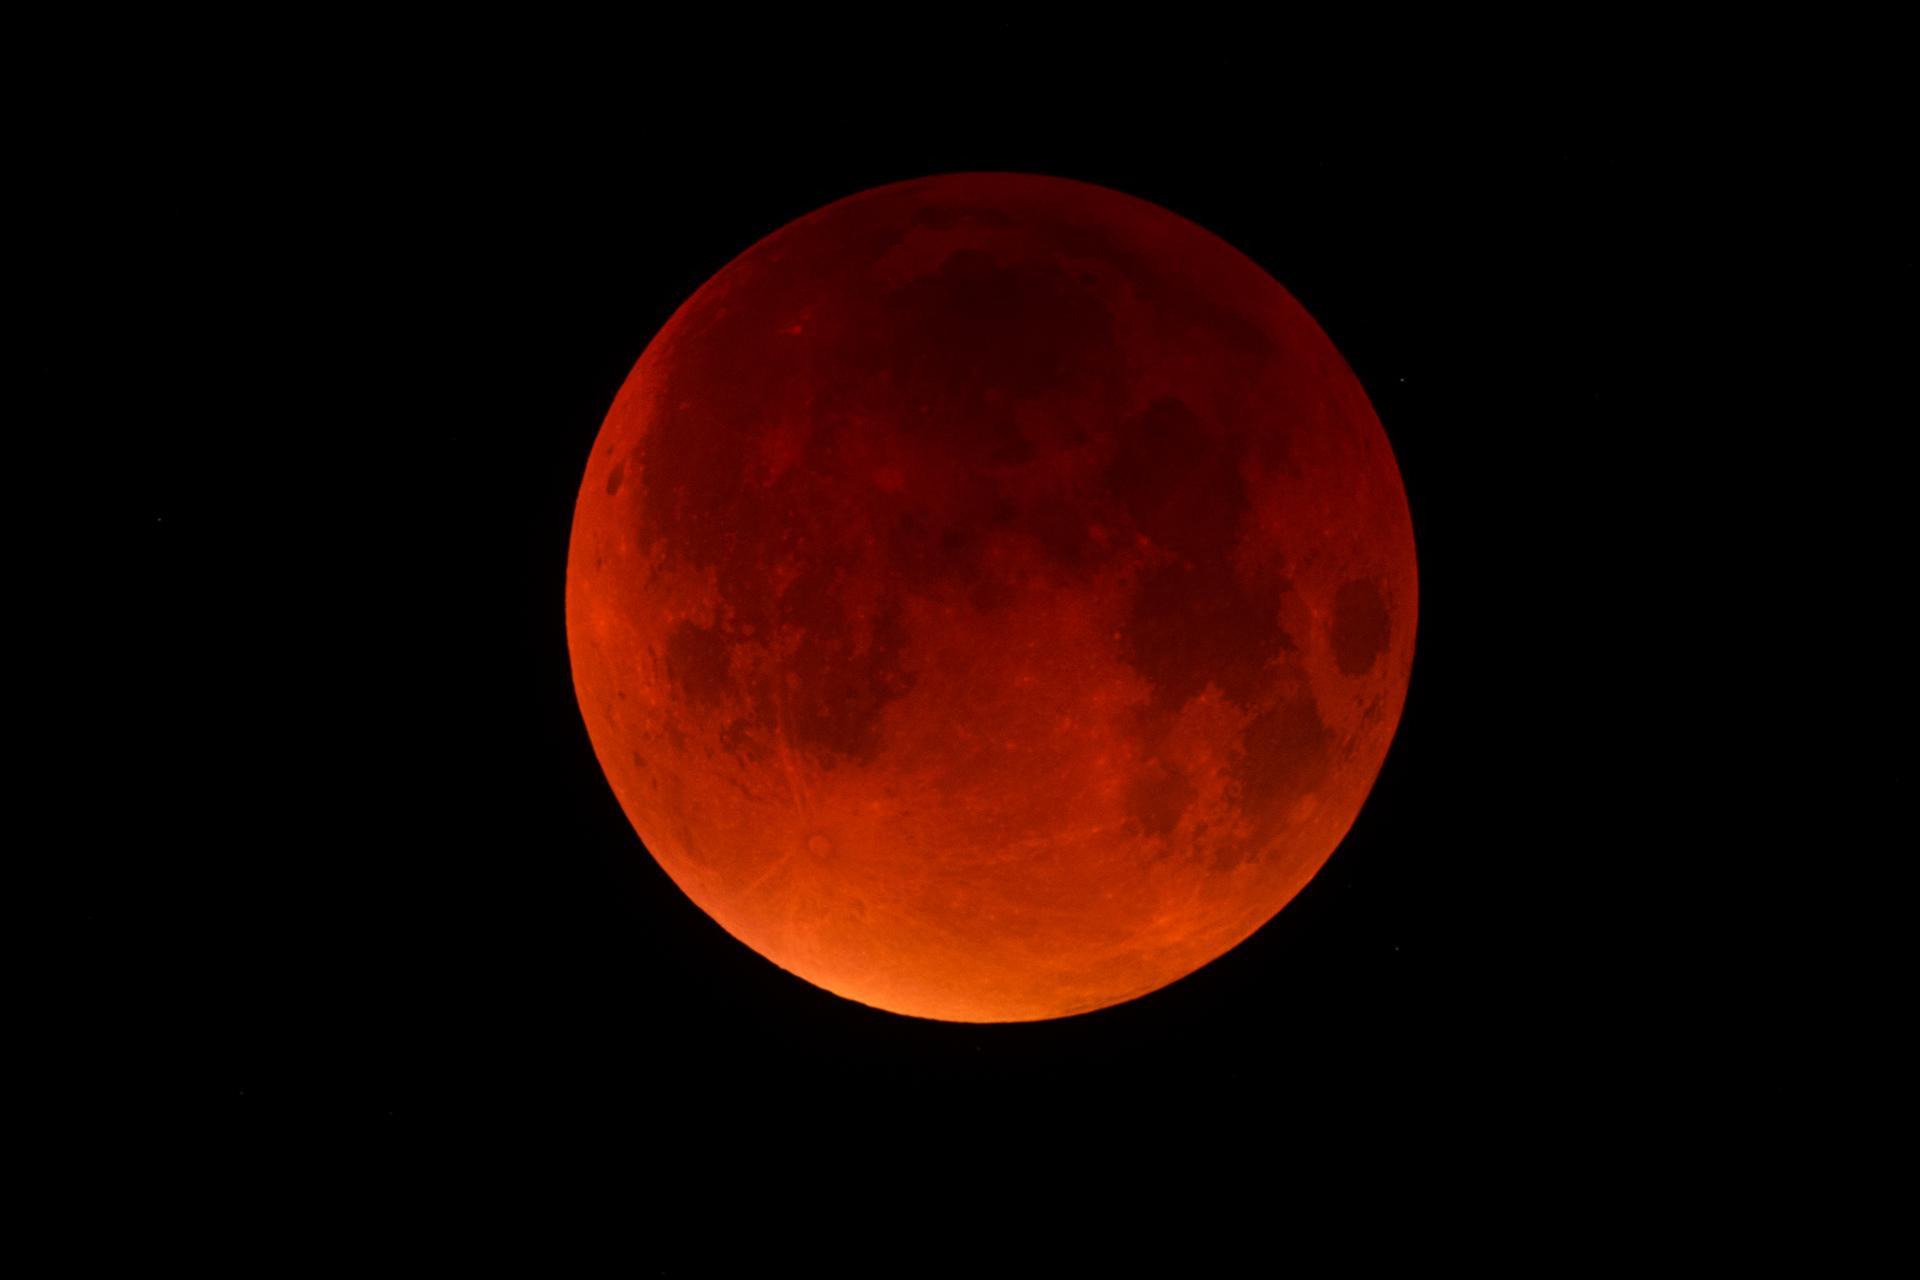 Eclipse totale de la Lune